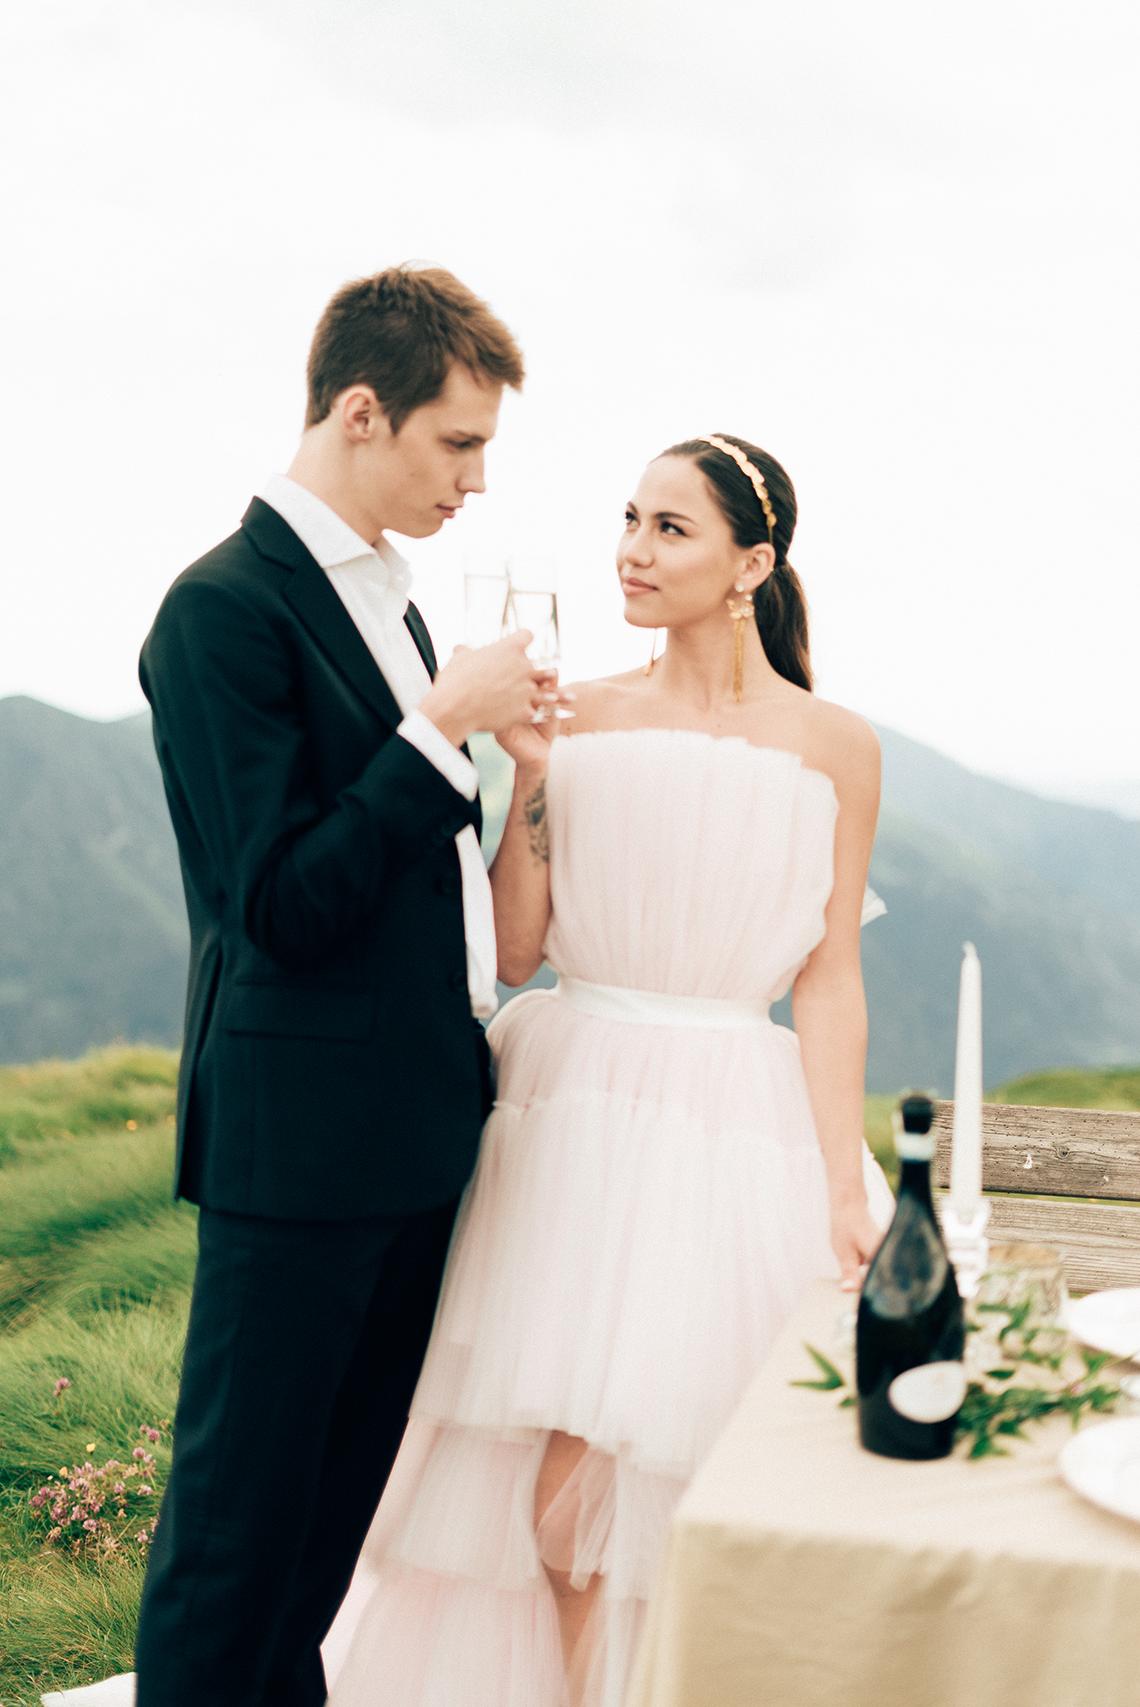 Enchanting Italian Alps Wedding Inspiration – Svetlana Cozlitina 7